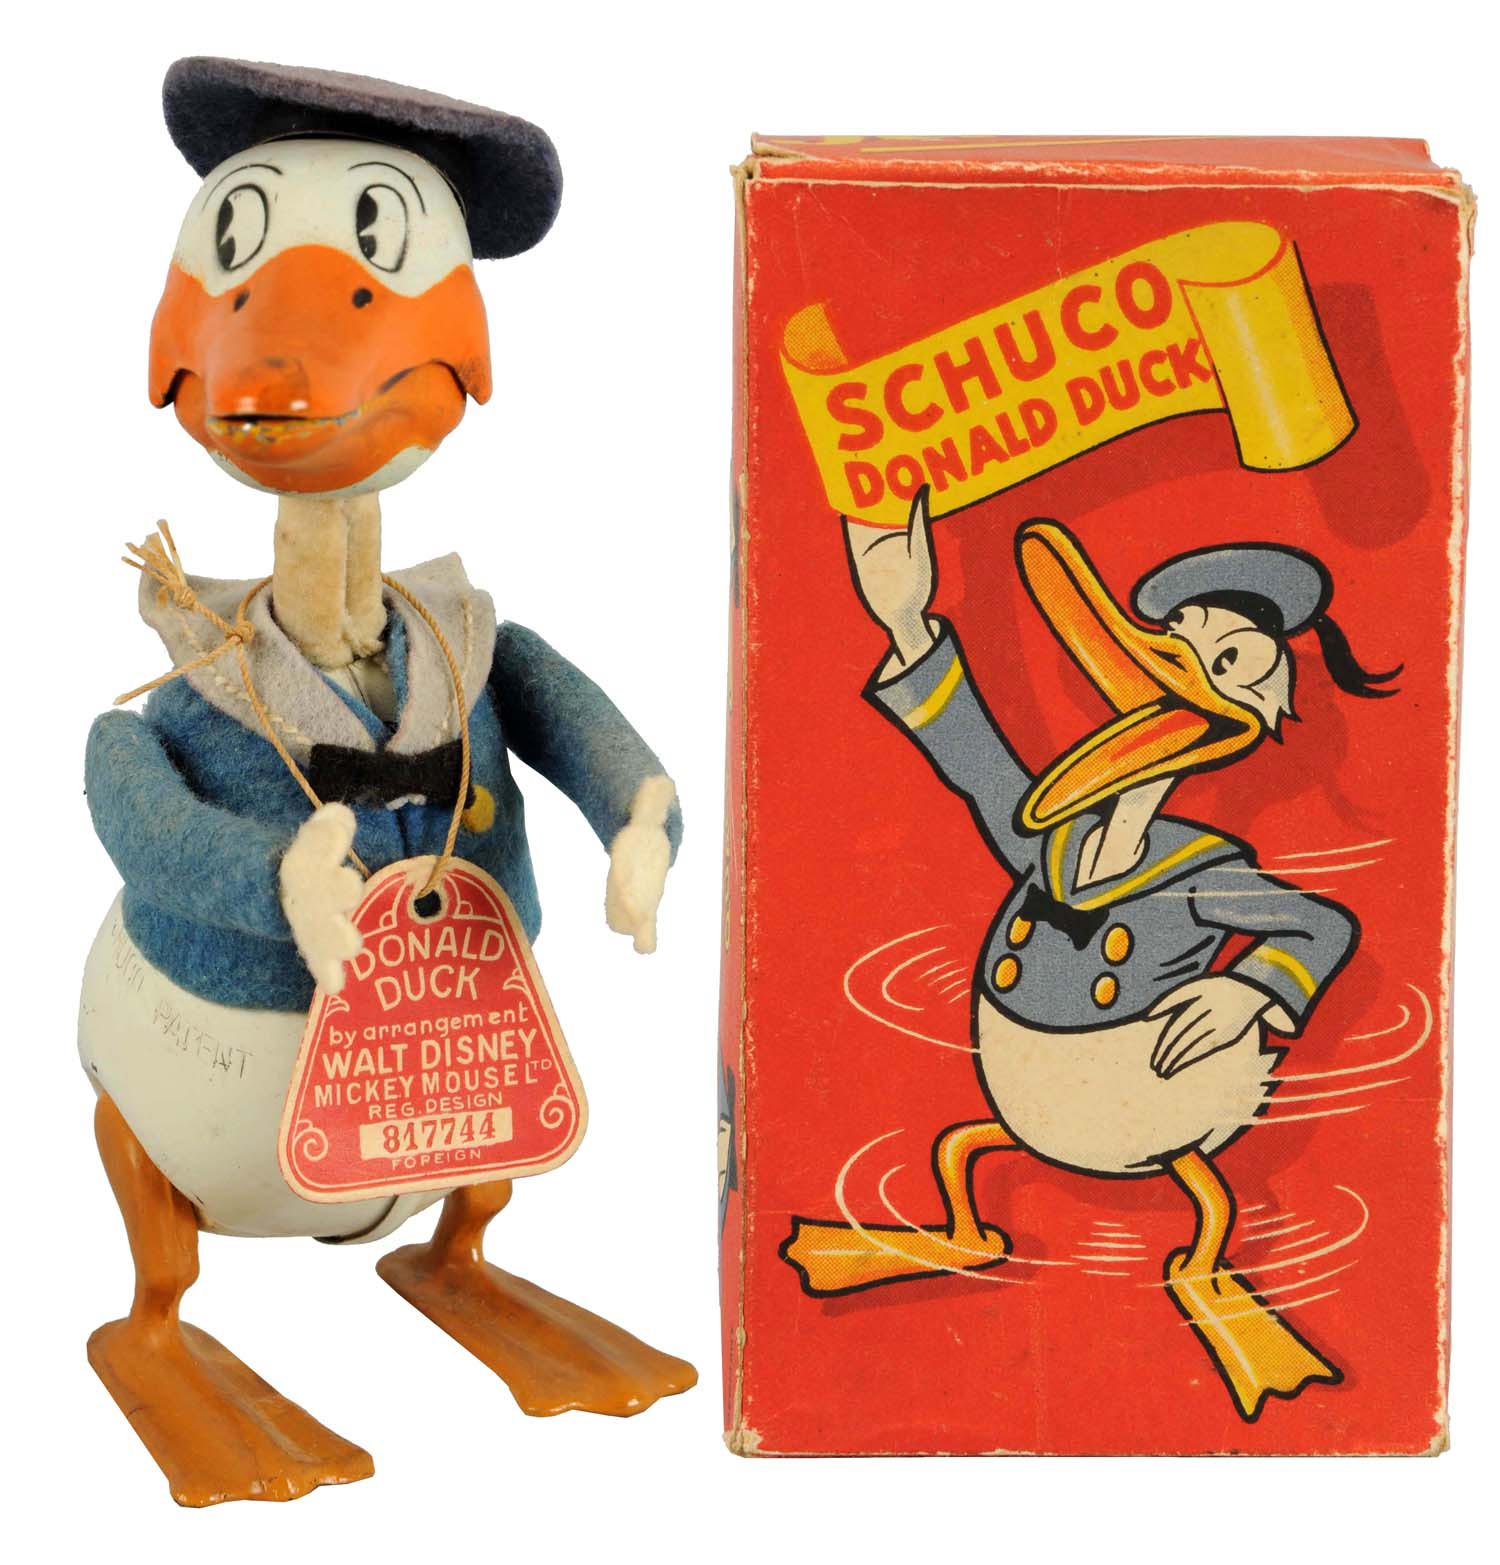 Schuco Walt Disney Donald Duck wind.